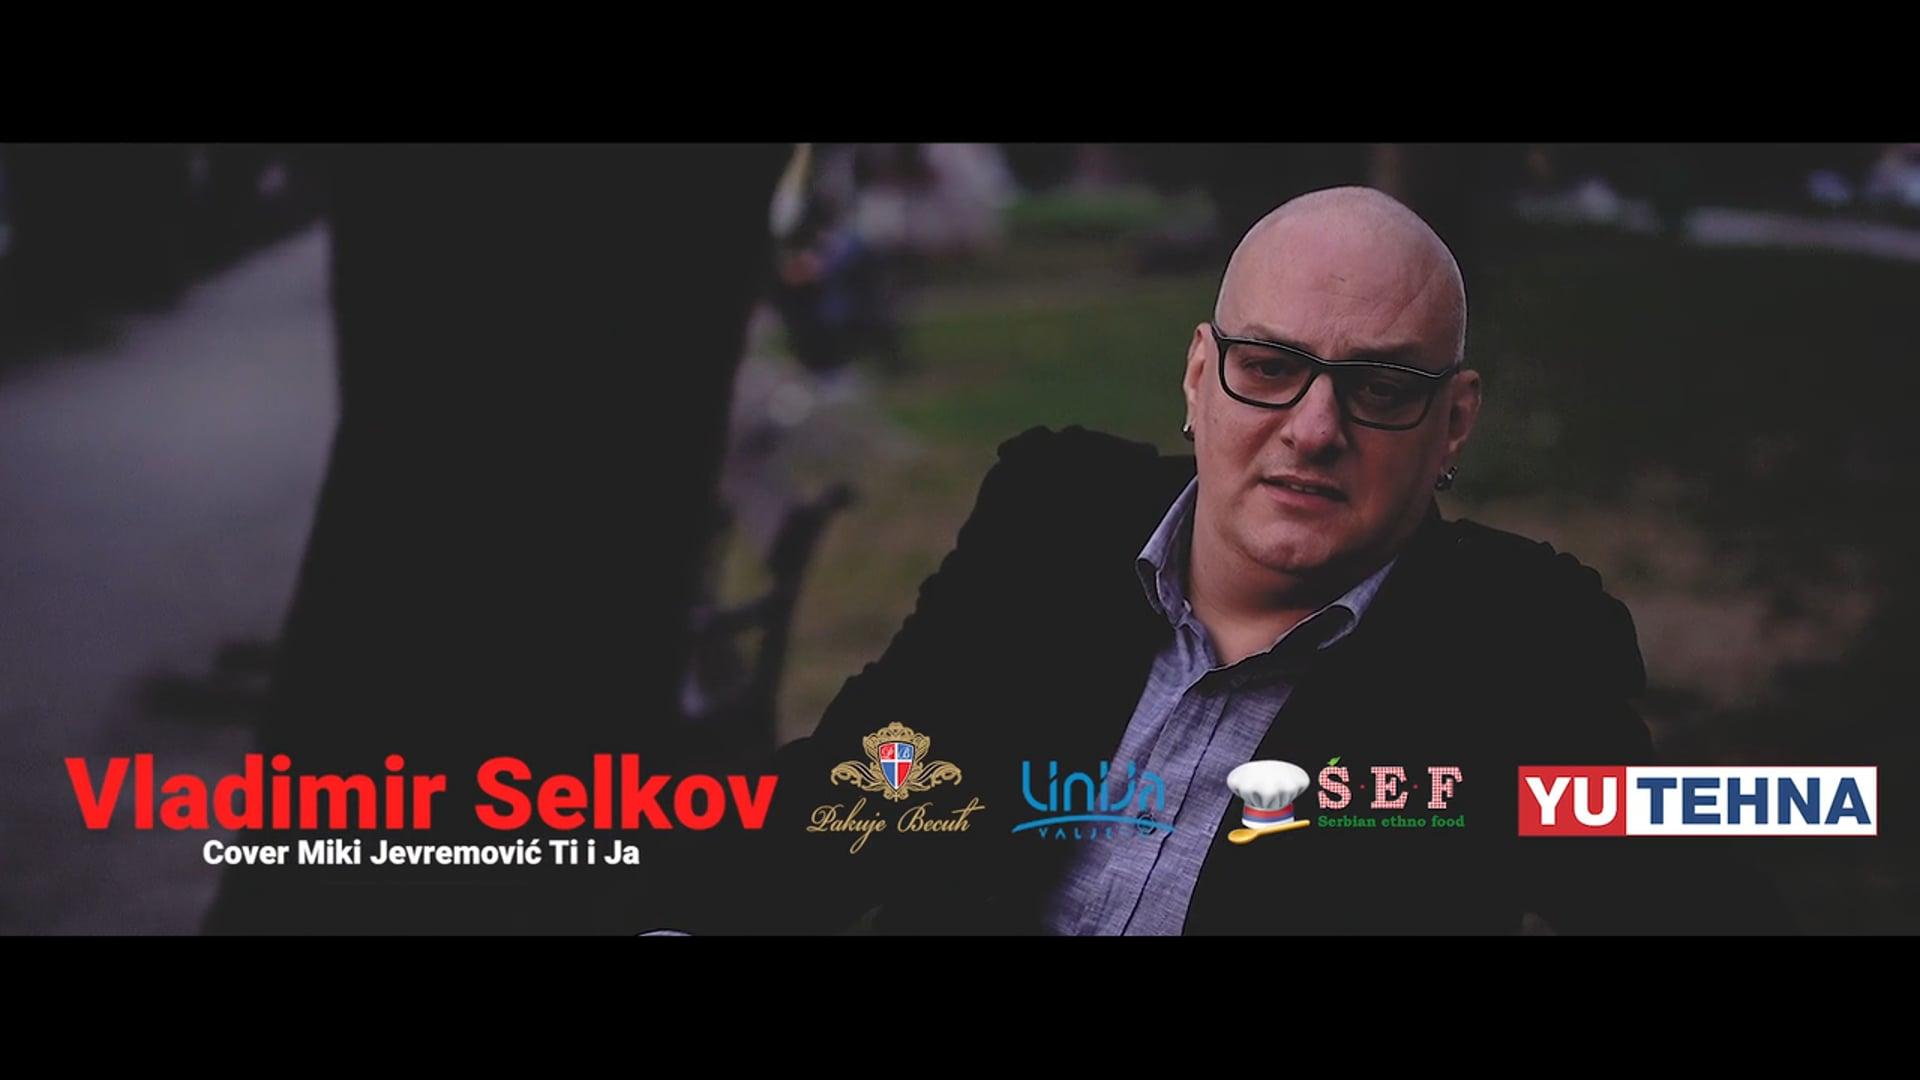 Vladimir Selkov cover Miki Jevremovic Ti i Ja